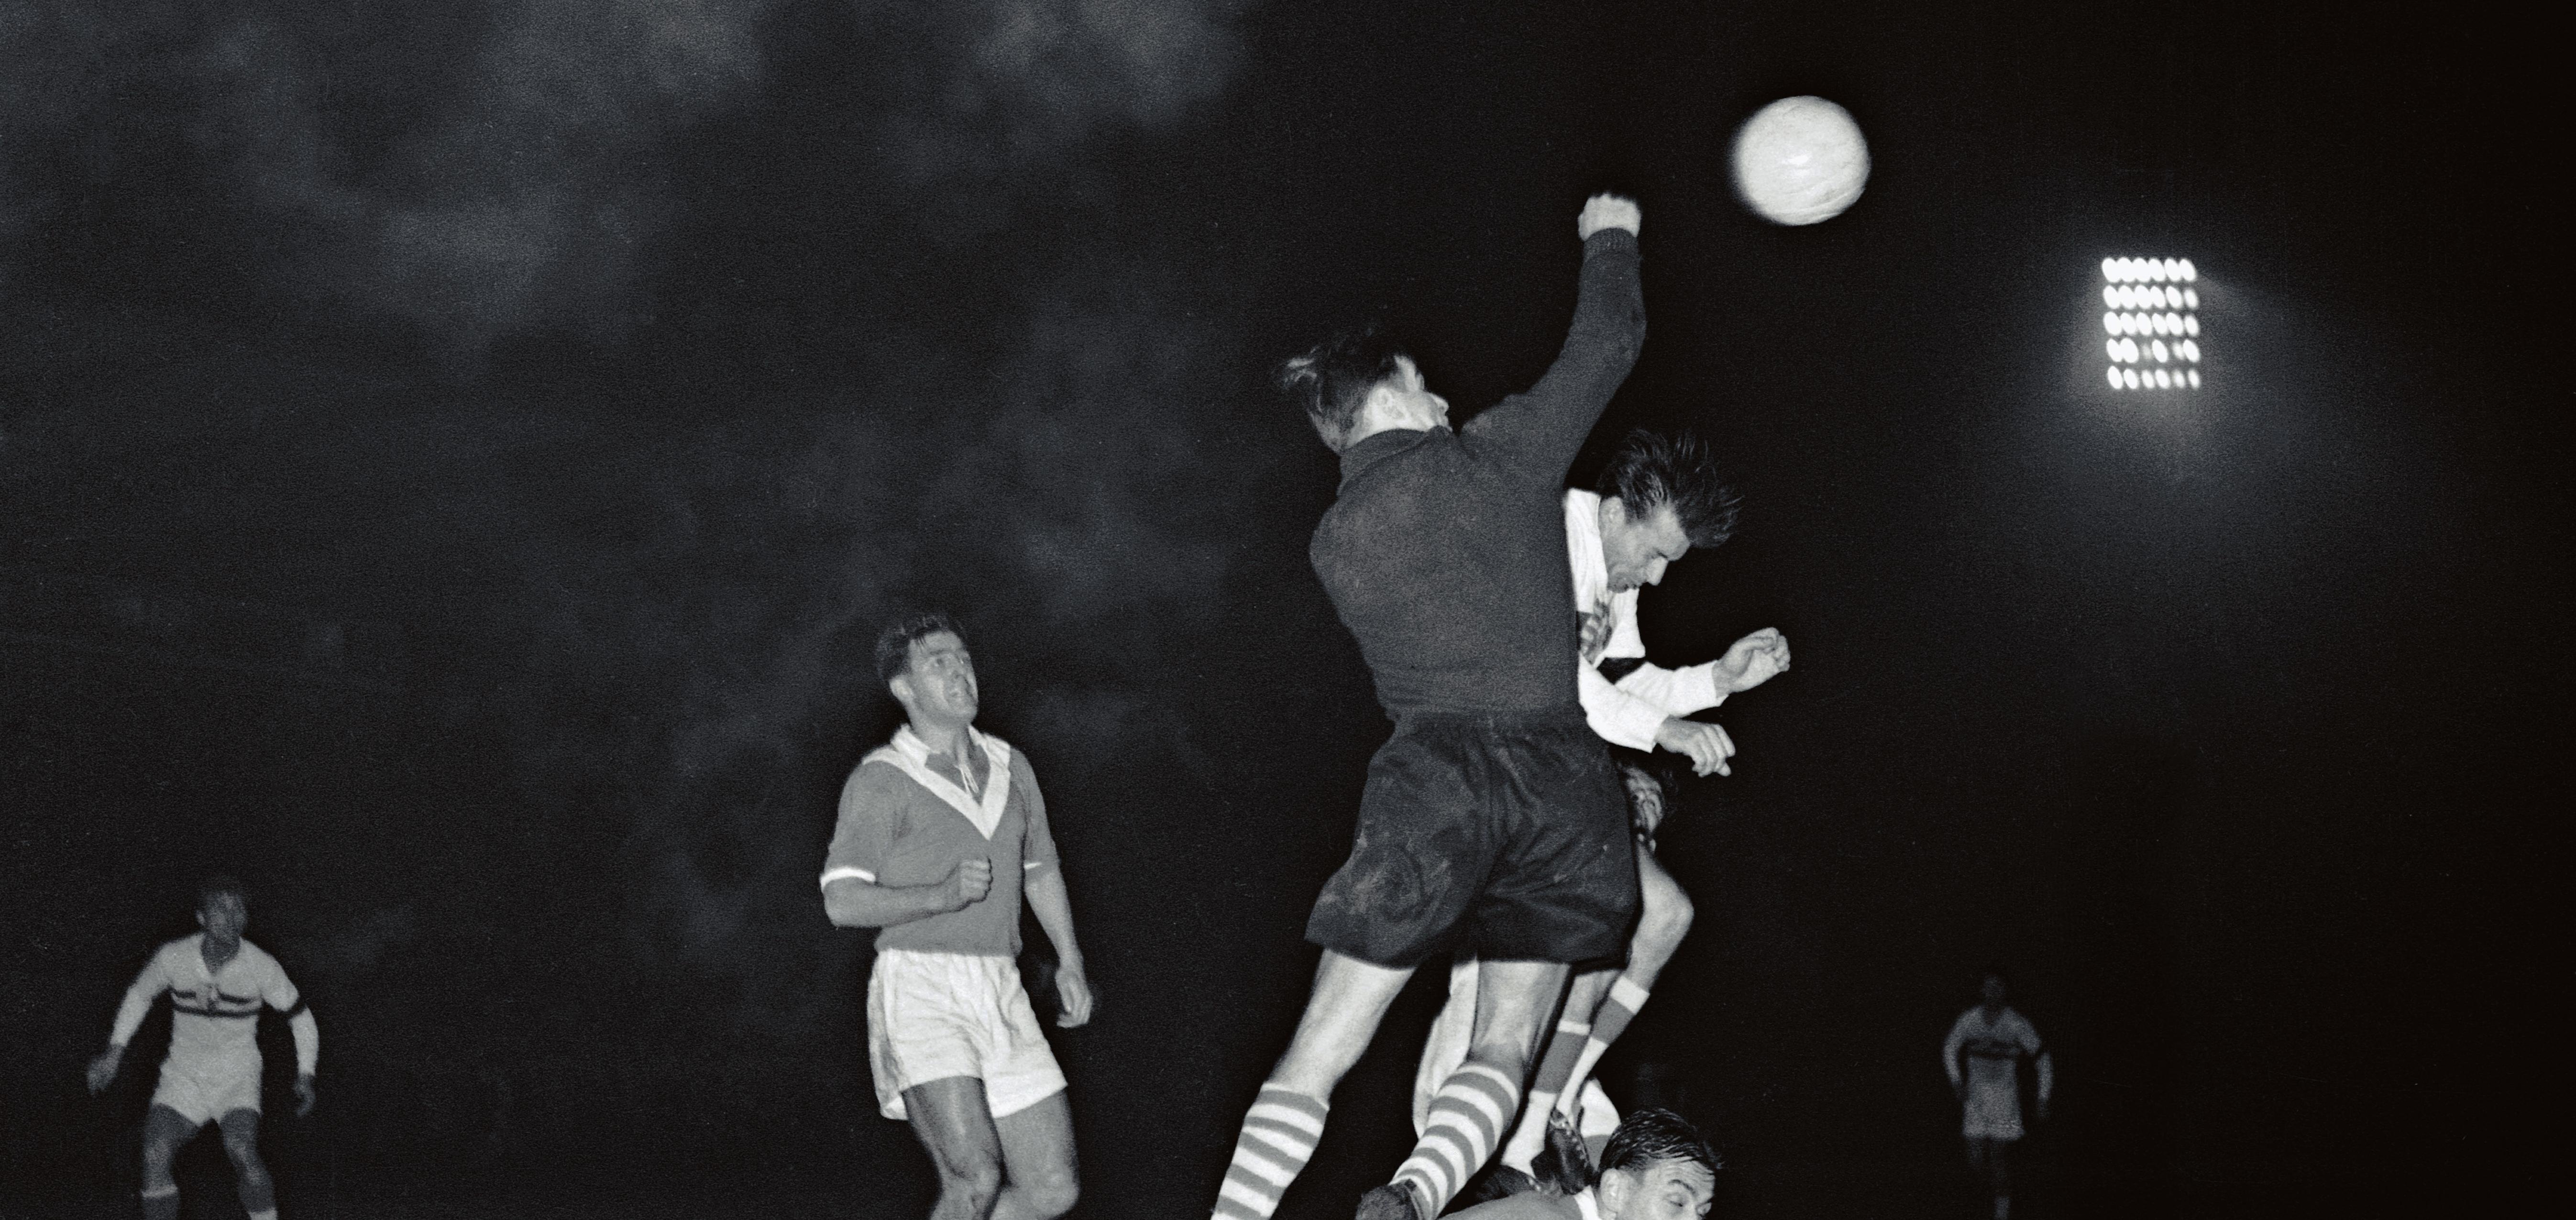 Herkenrath klärt per Faustabwehr im Flutlichtsspiel gegen Honved Budapest. (Foto: Archiv)